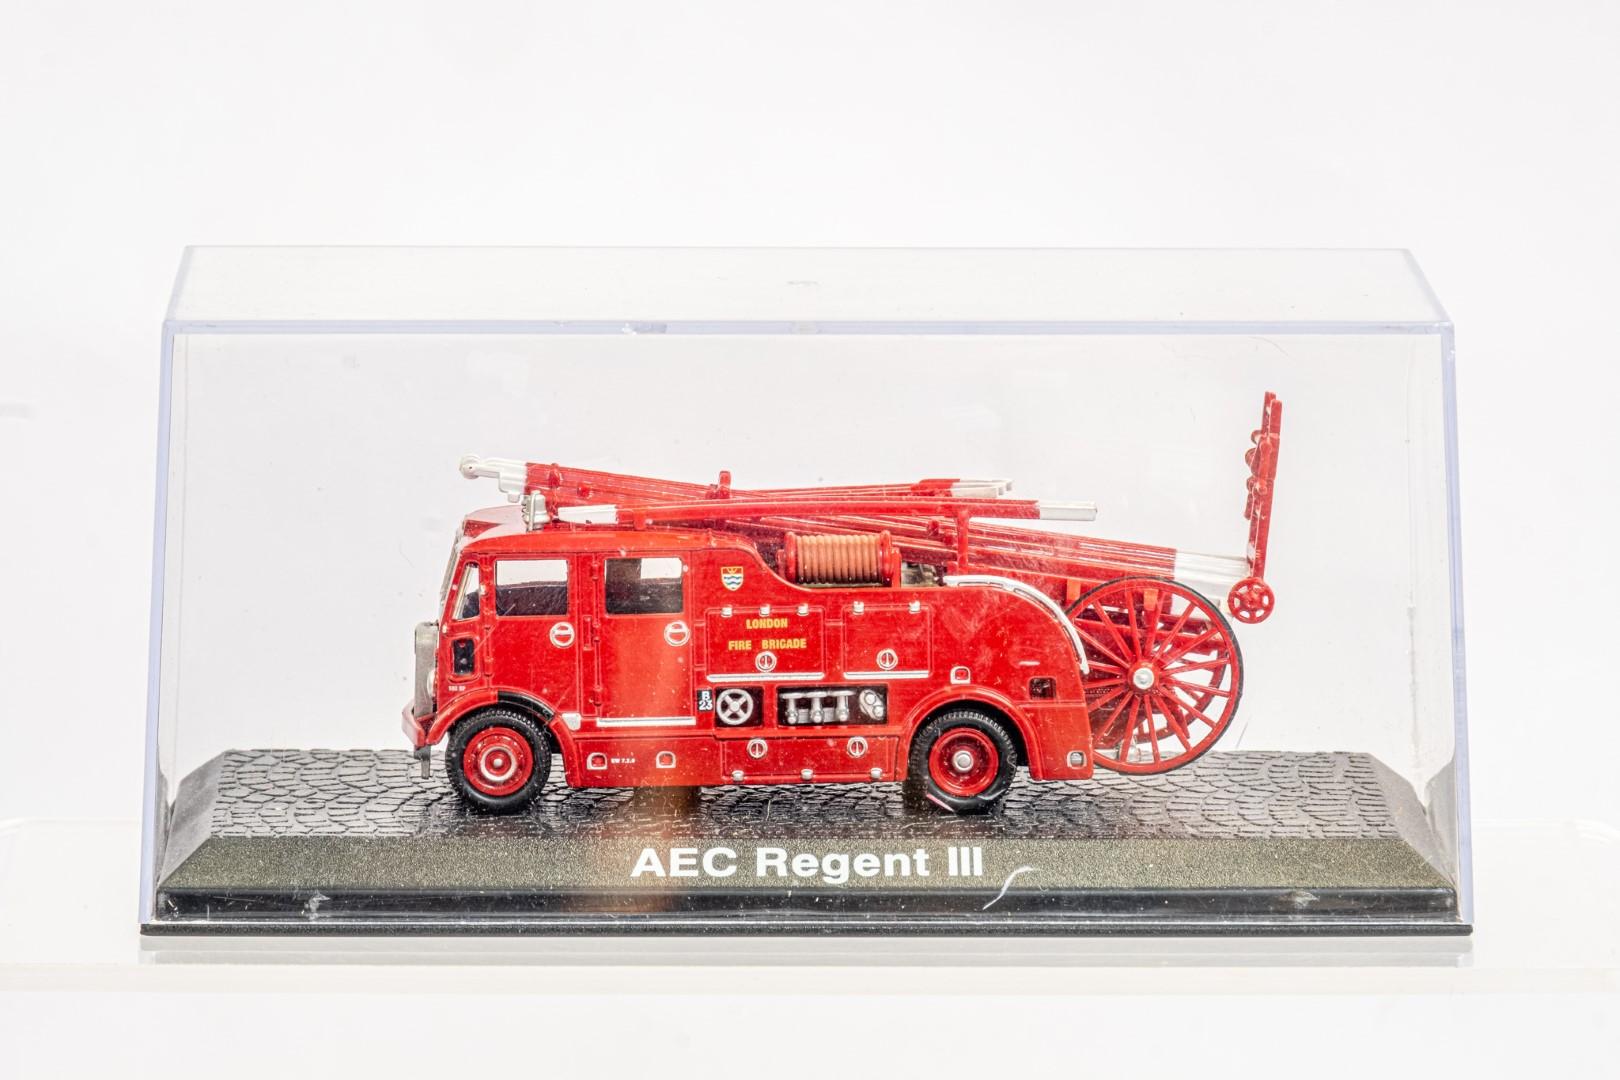 Lledo & Atlas AEC Regent III Fire Engine & Herts Fire Brigade - Image 2 of 11